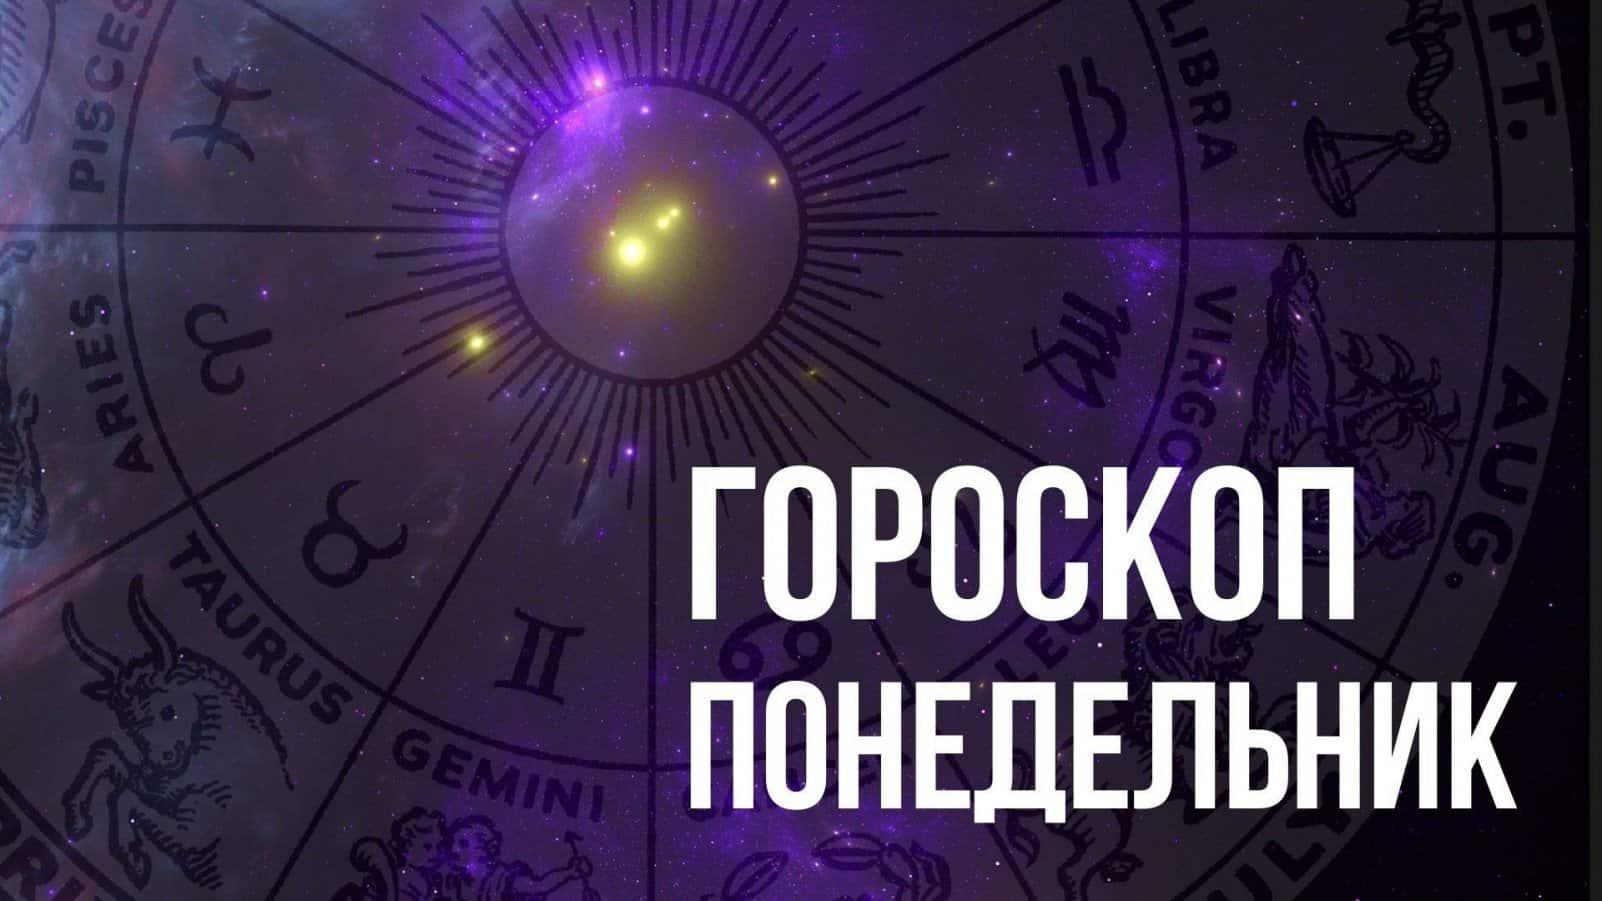 Гороскоп на понедельник 30 августа для каждого знака Зодиака